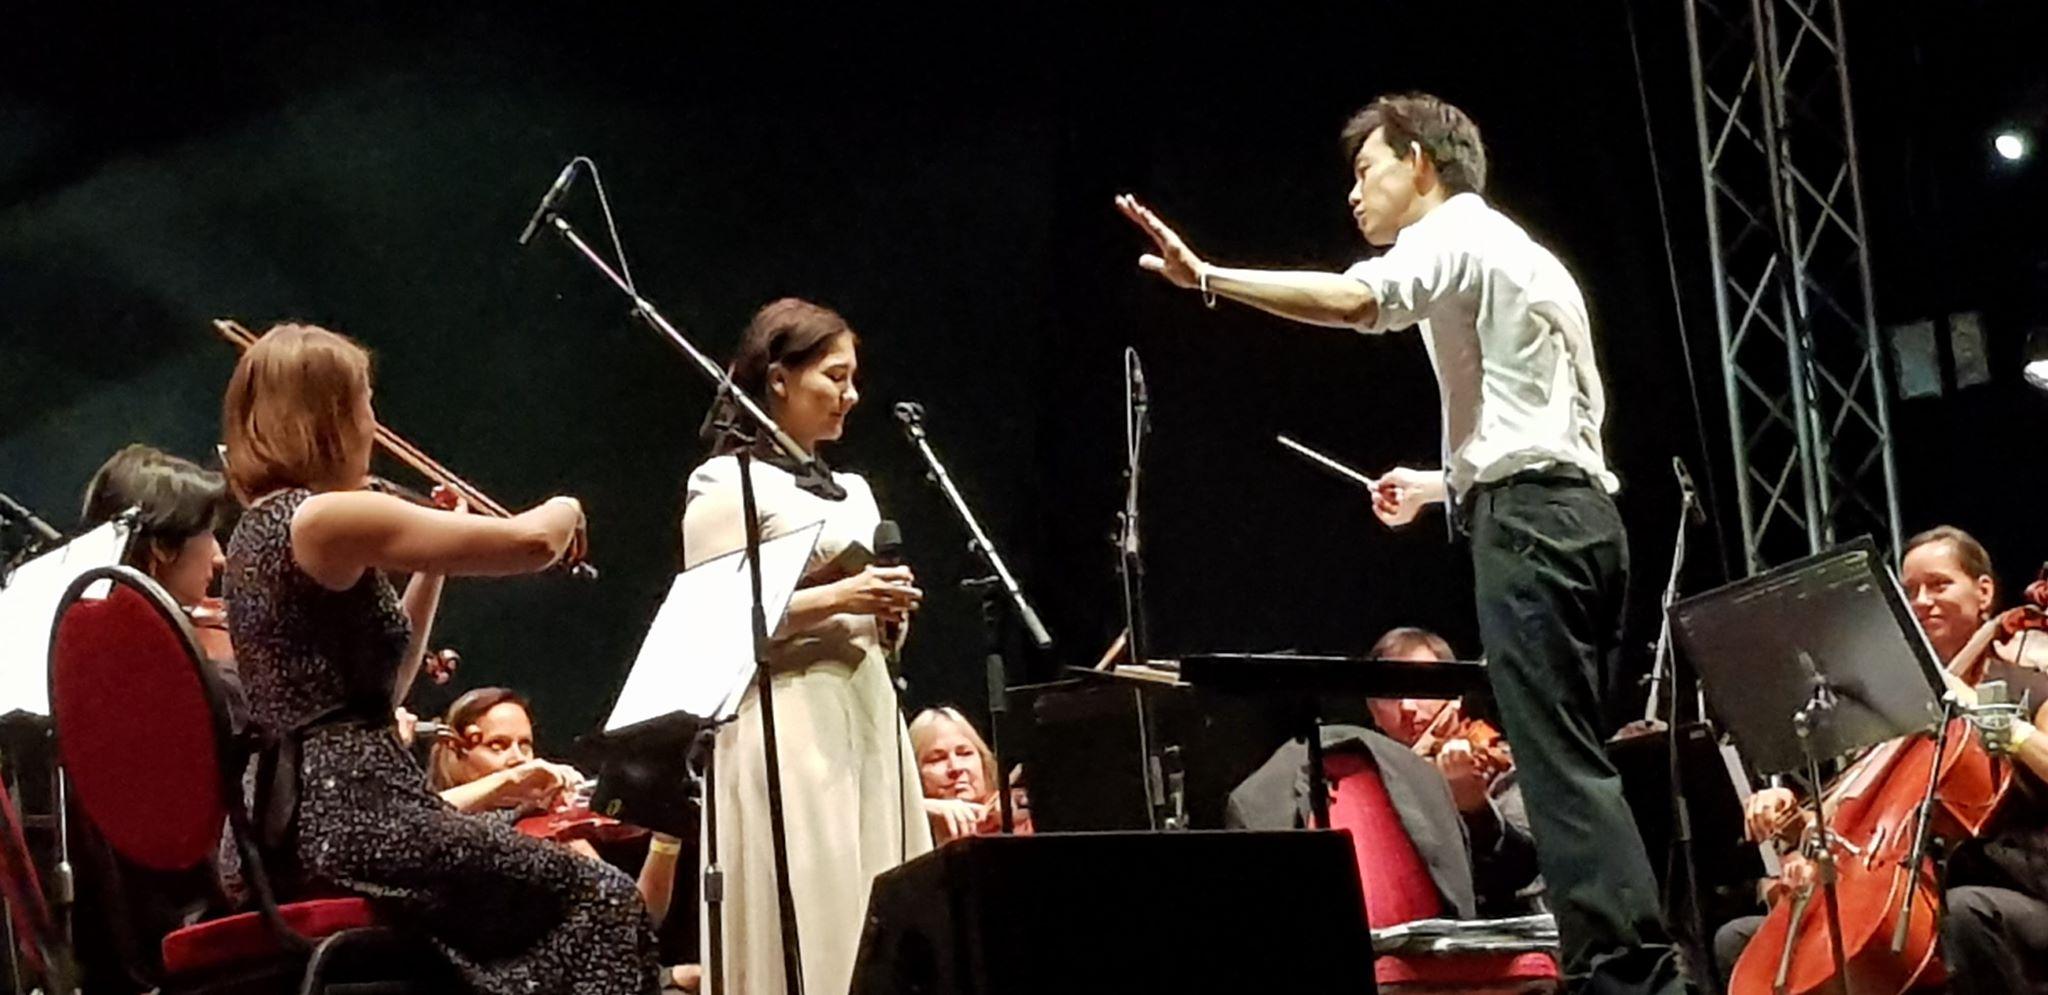 """Krönender Abschluss: das Konzert des """"Pilsen Philharmonic Orchestra"""". (Bild: Verena Sieling)"""